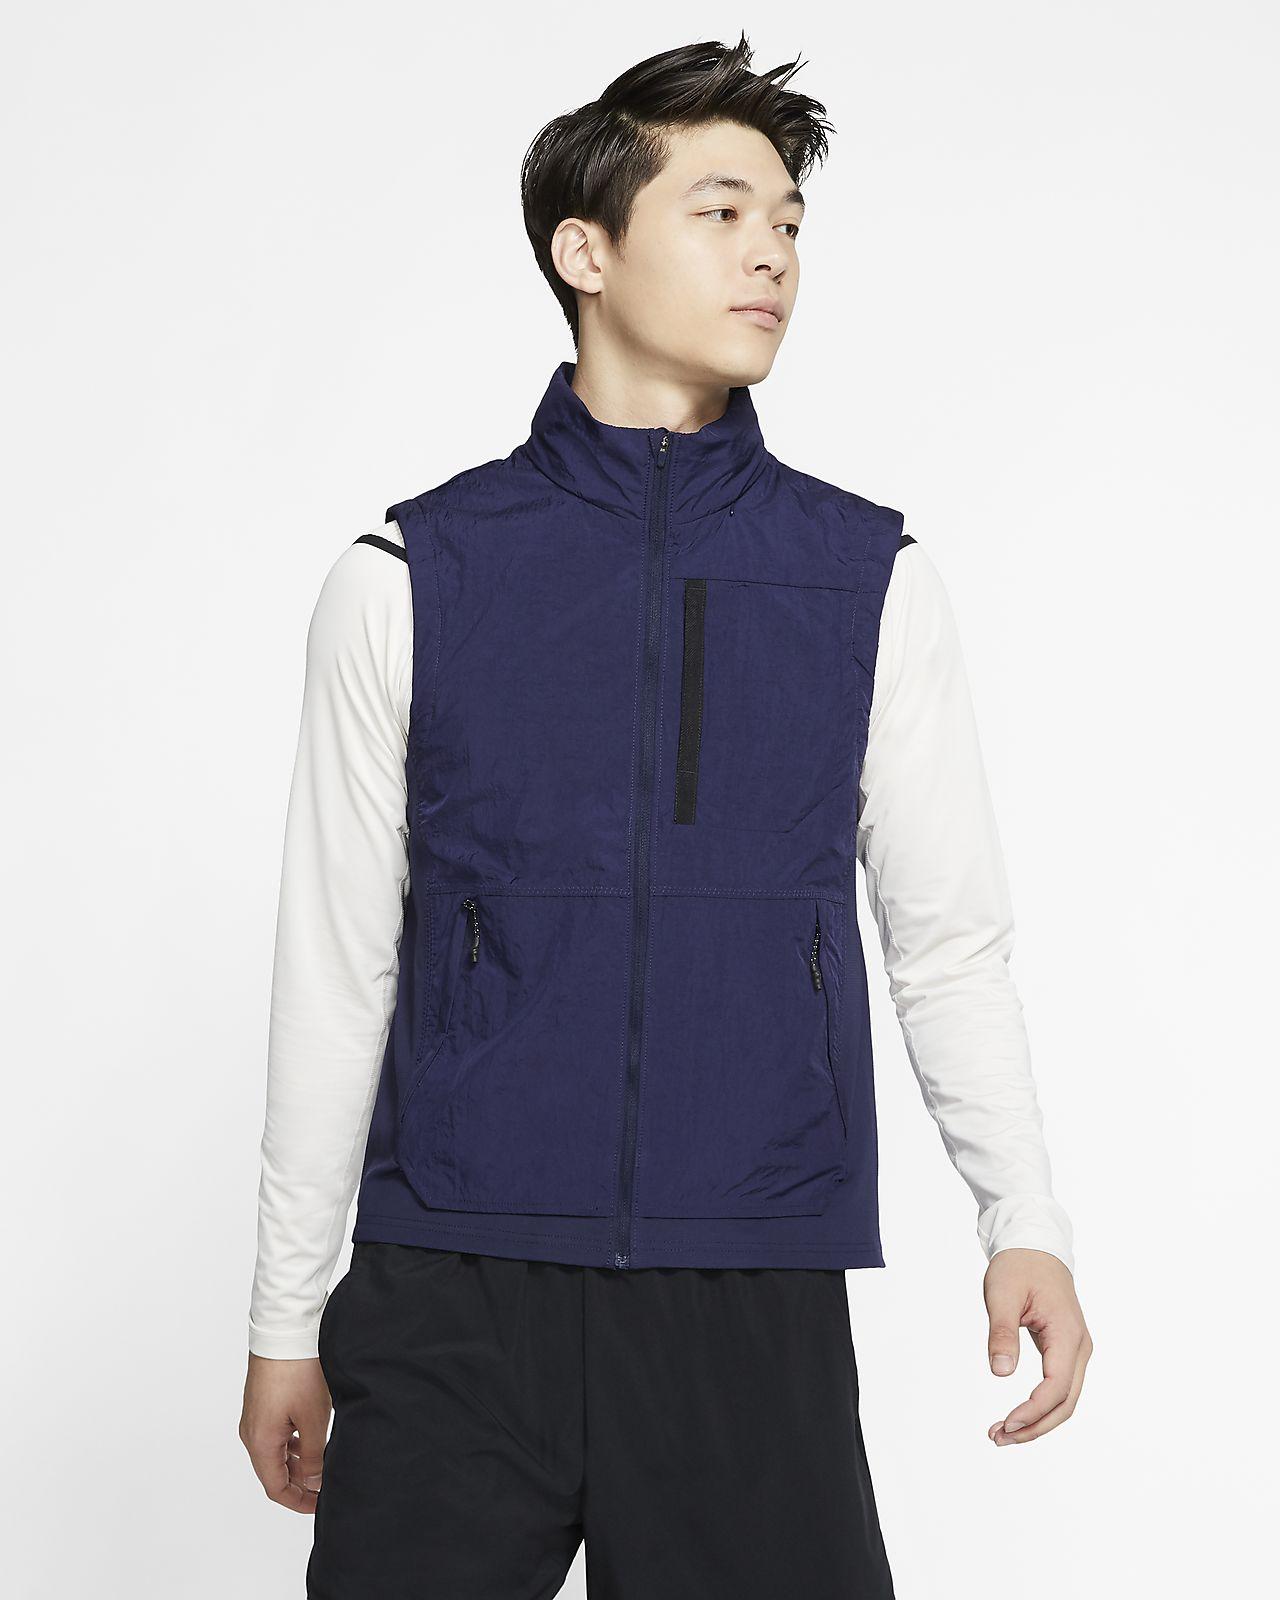 Veste de training sans manches à capuche Nike pour Homme